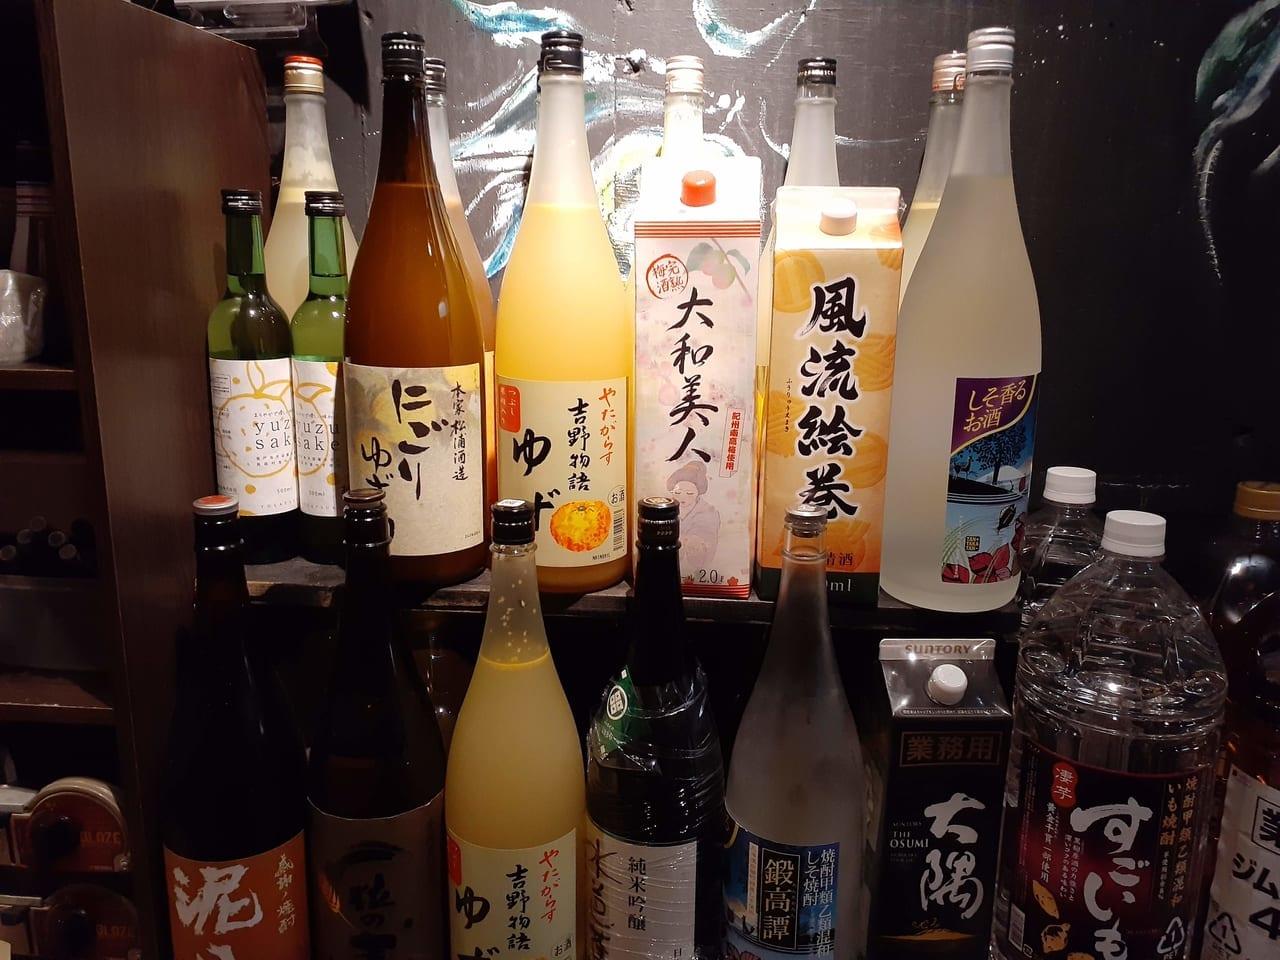 ゆずの助さんには柚子のお酒がたくさんあります。